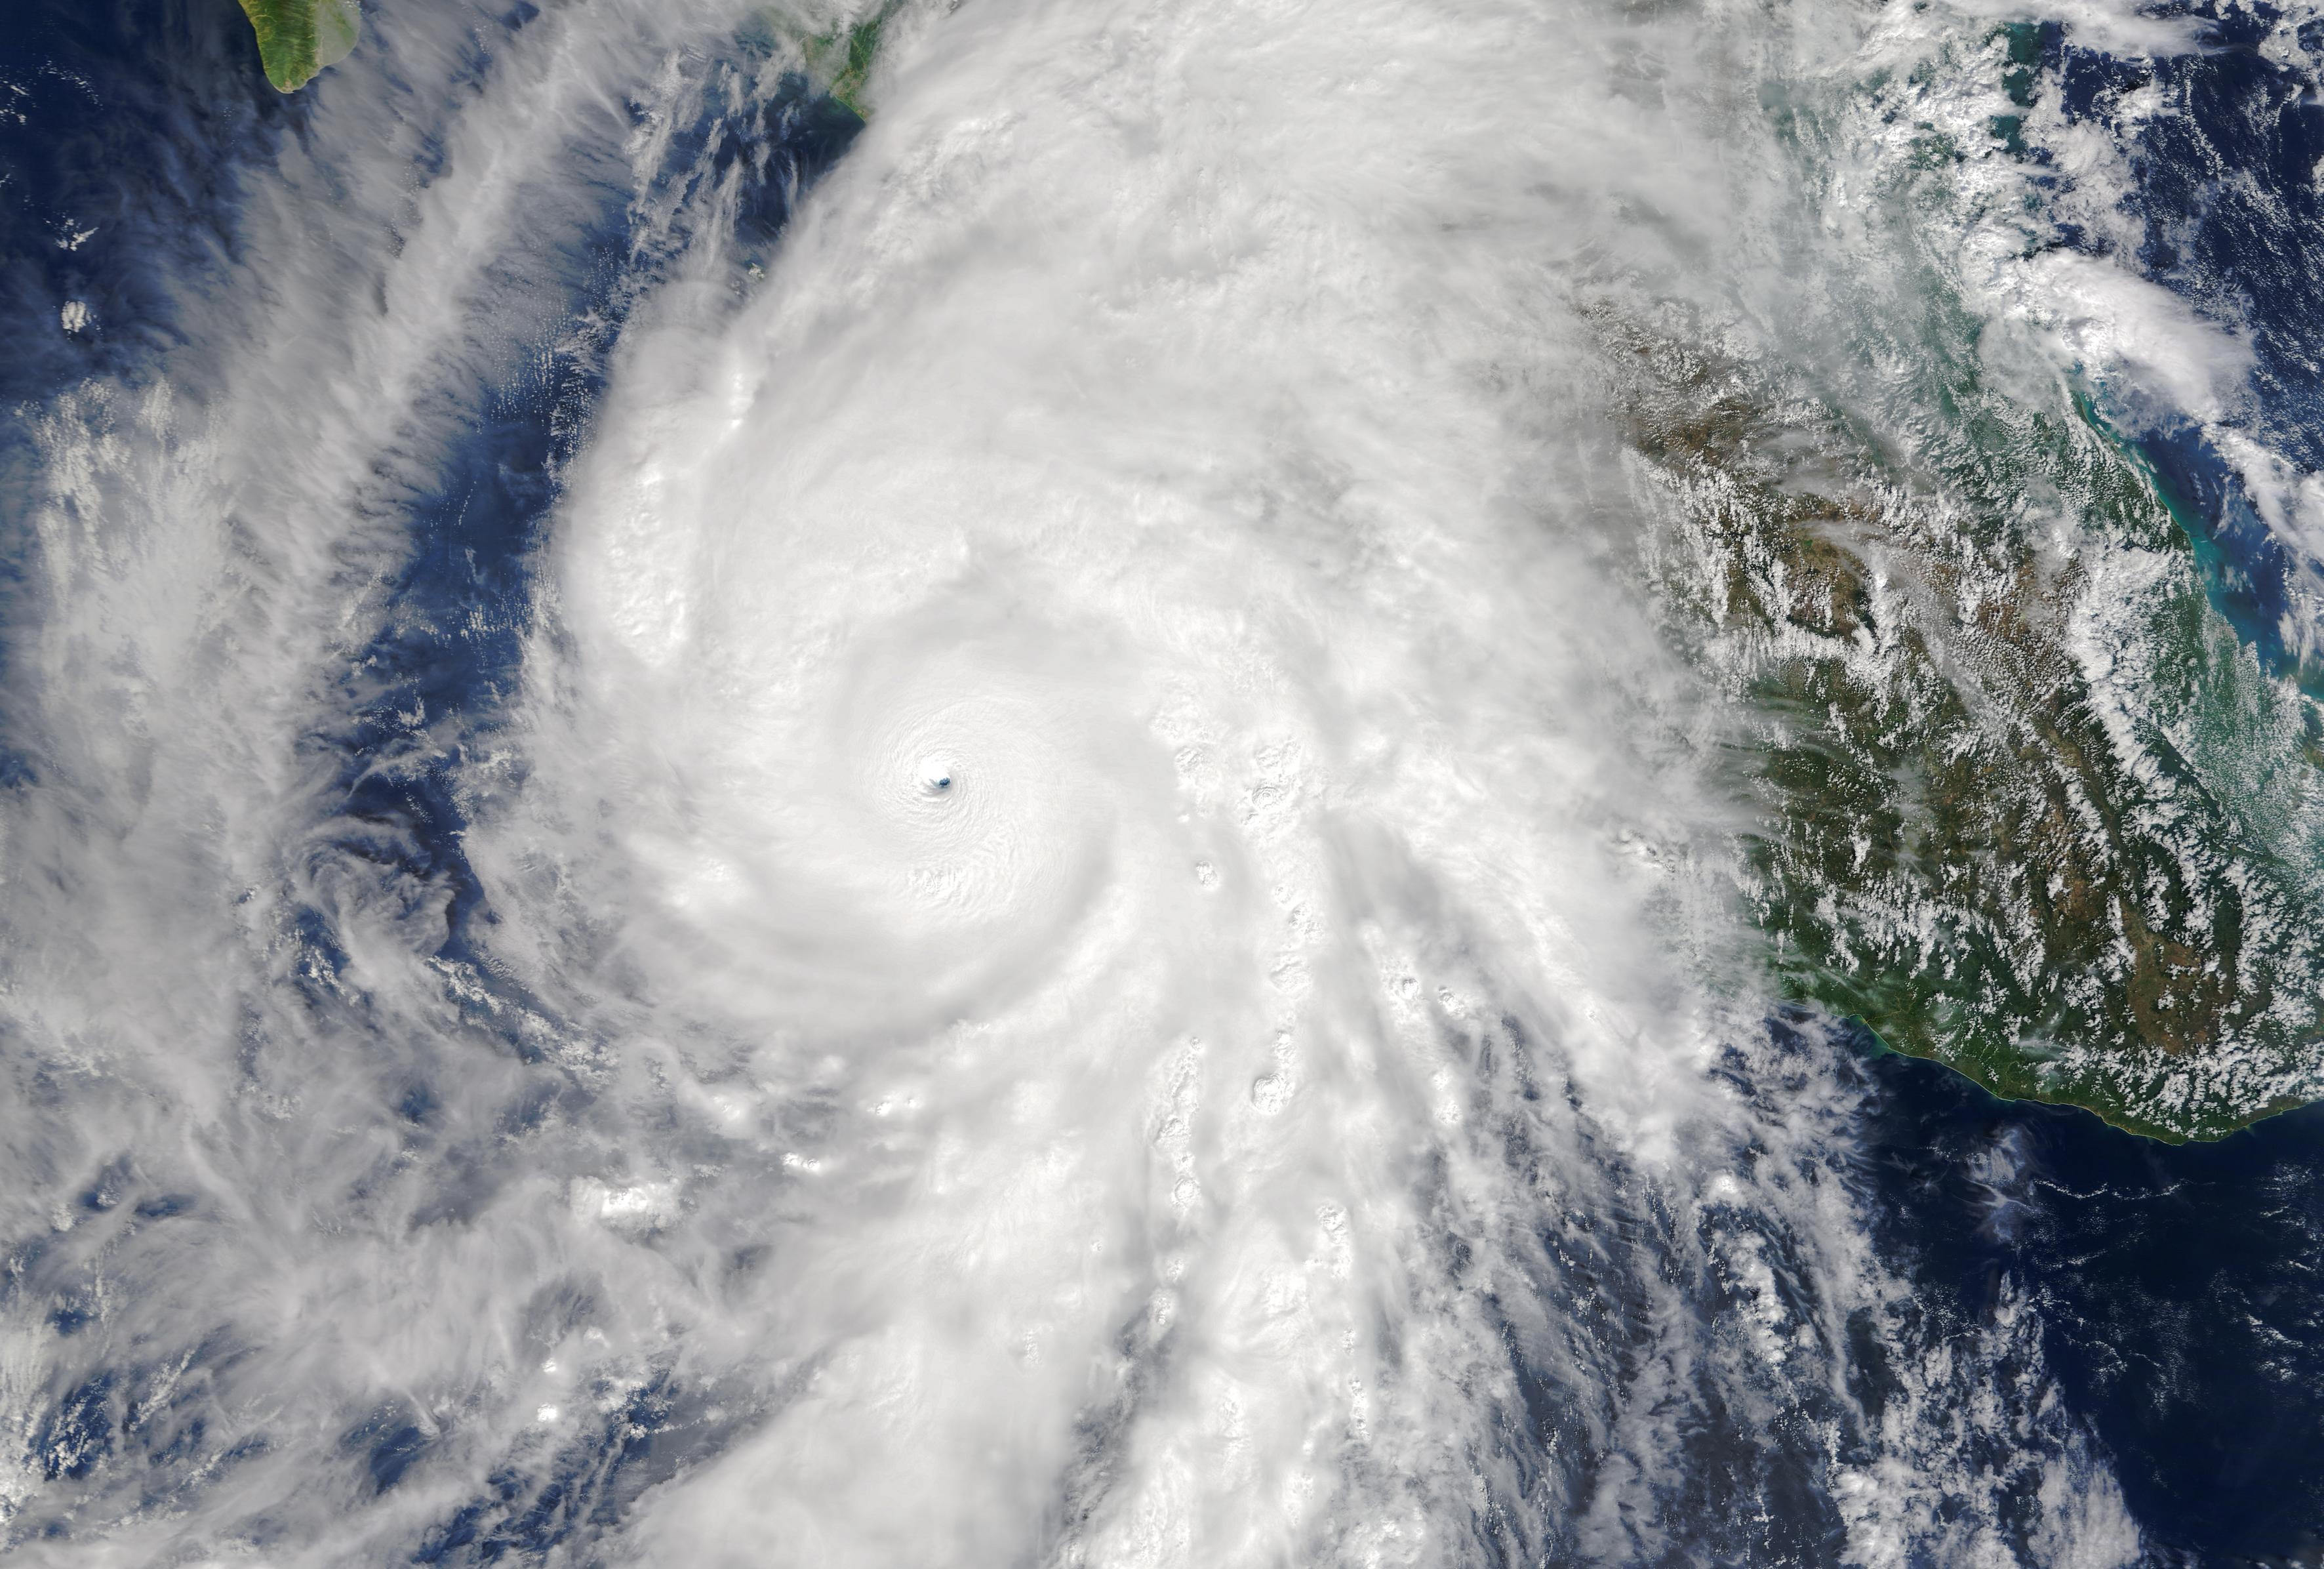 El Nino 2014 Storm